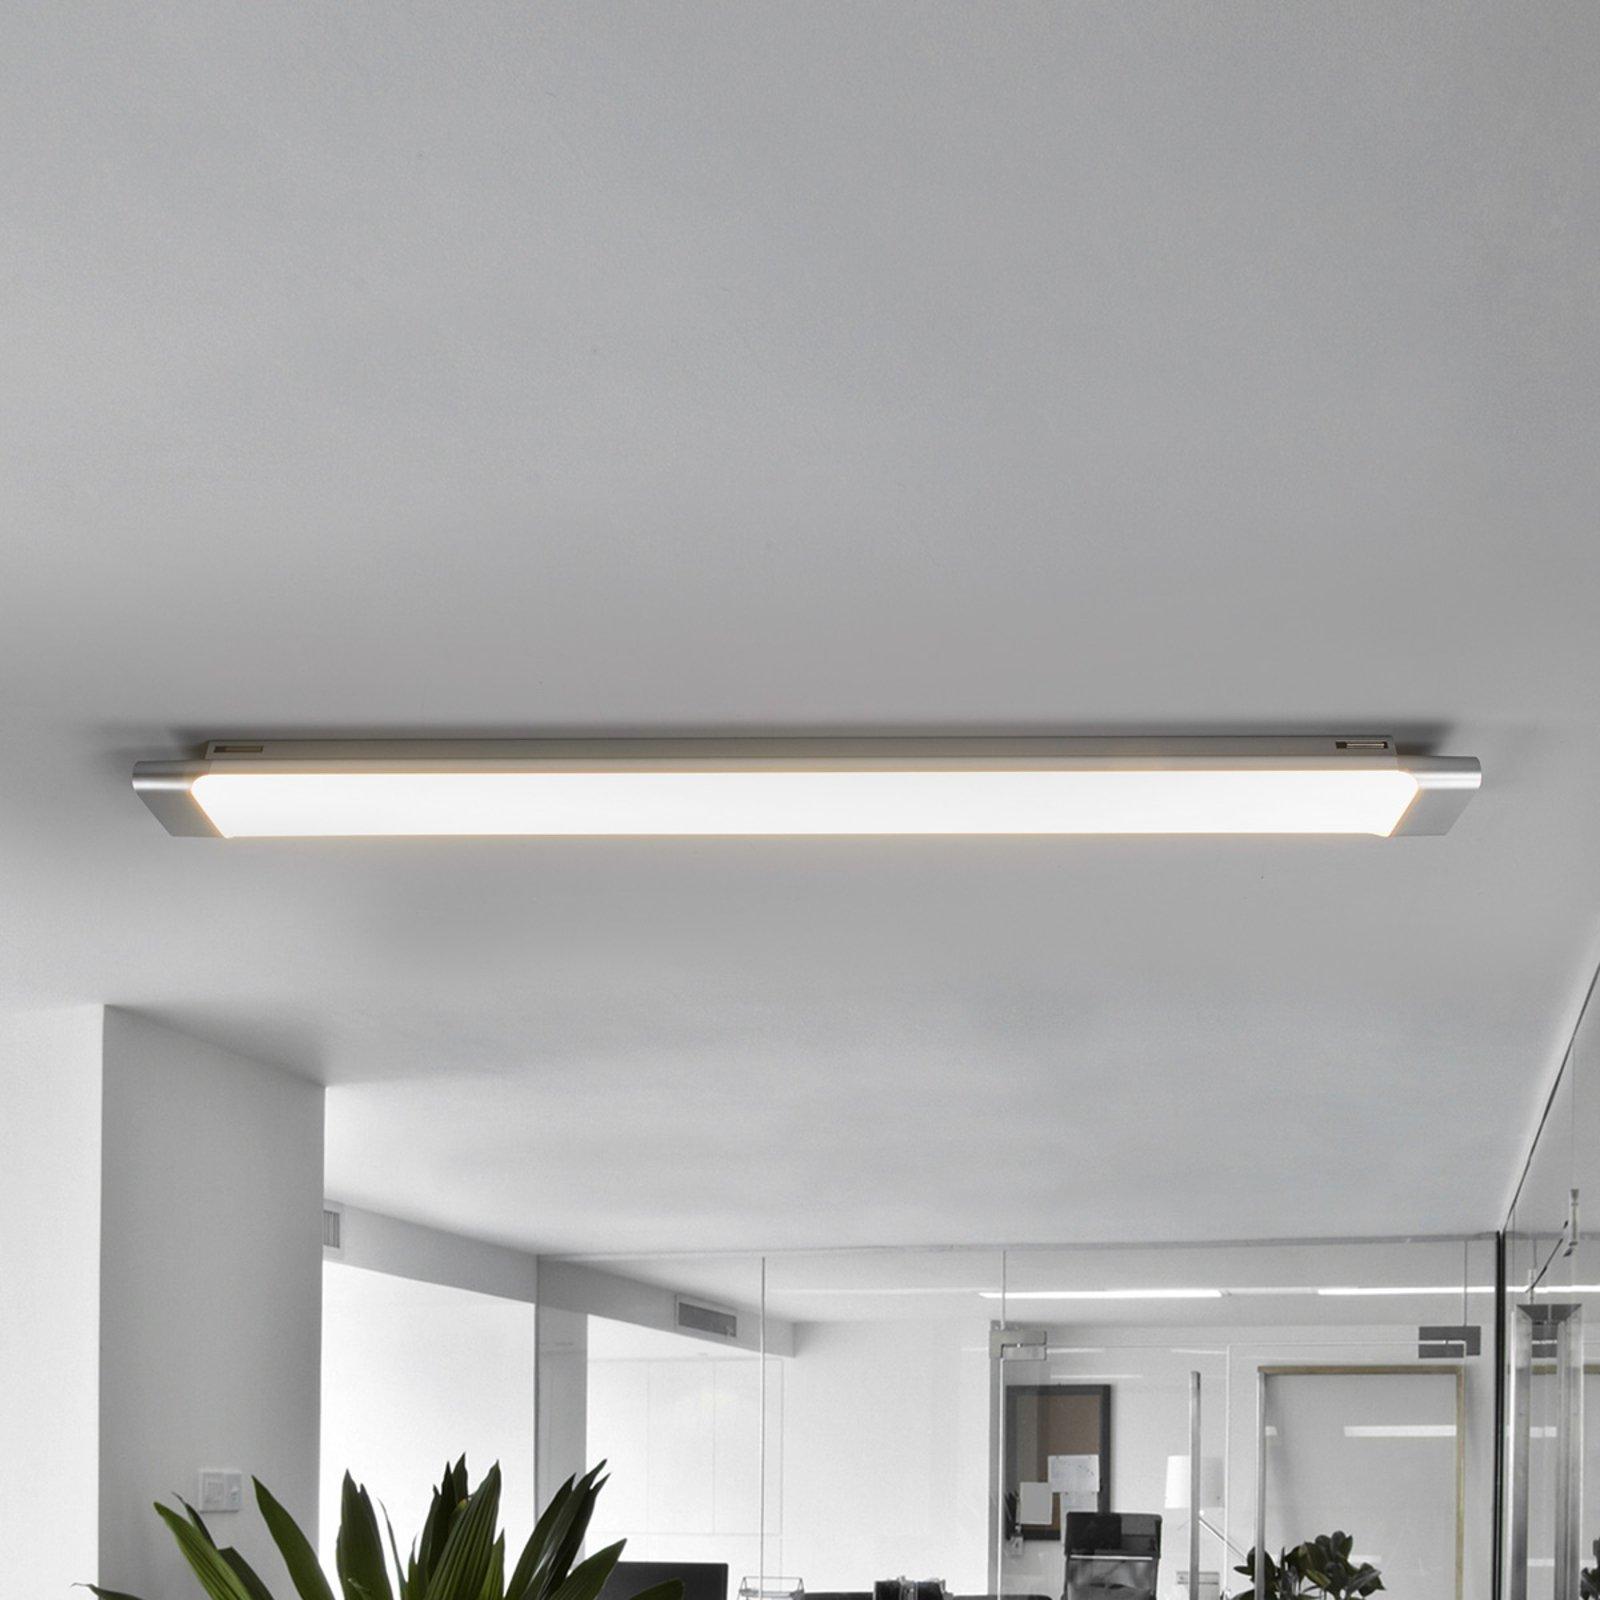 Praktisk LED-taklampe Vinca, 90 cm